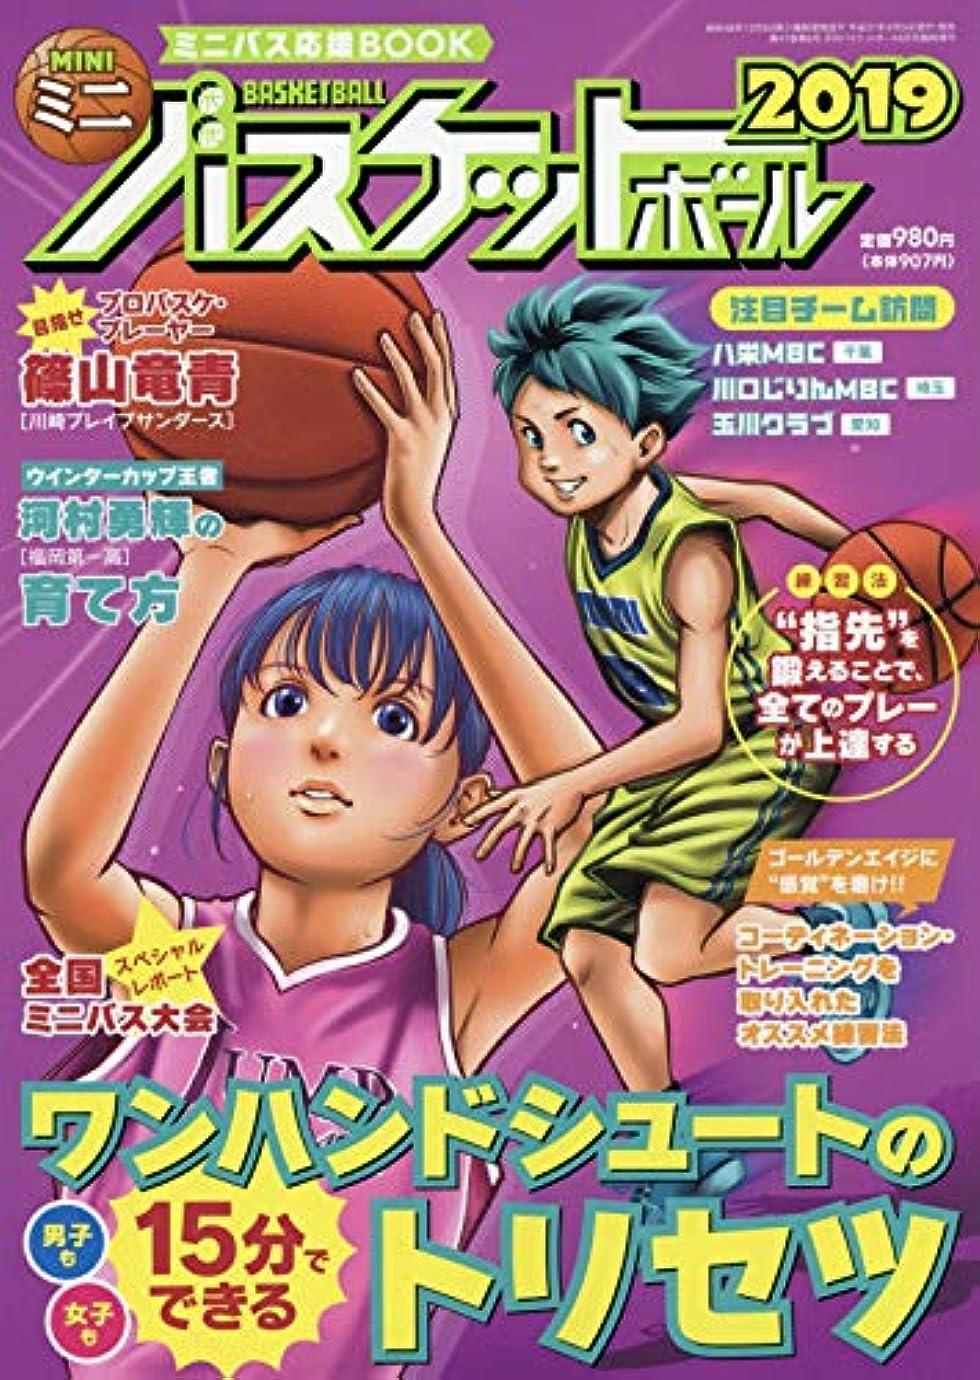 野菜眠っている手当ミニバスケットボール2019 2019年 06 月号 [雑誌]: 月刊バスケットボール 増刊